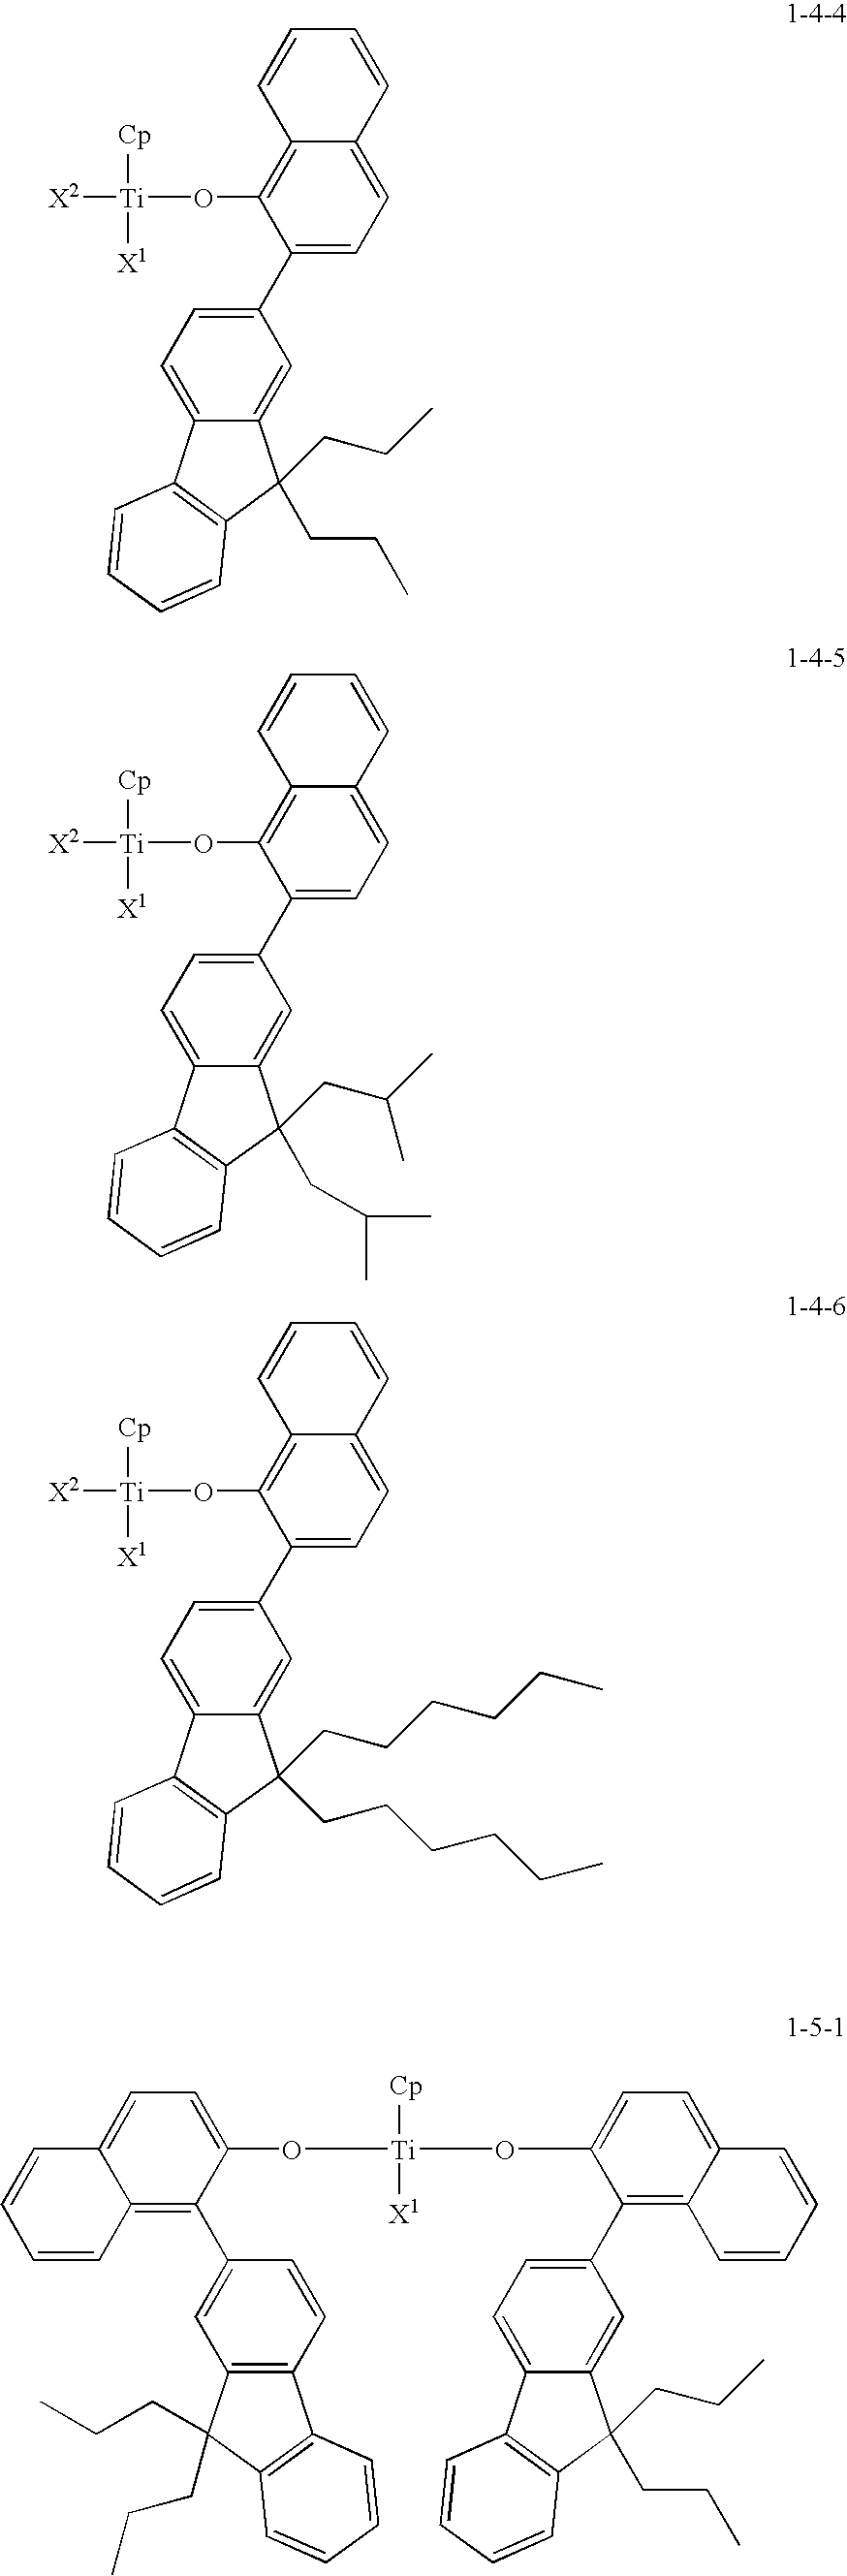 Figure US20100081776A1-20100401-C00042